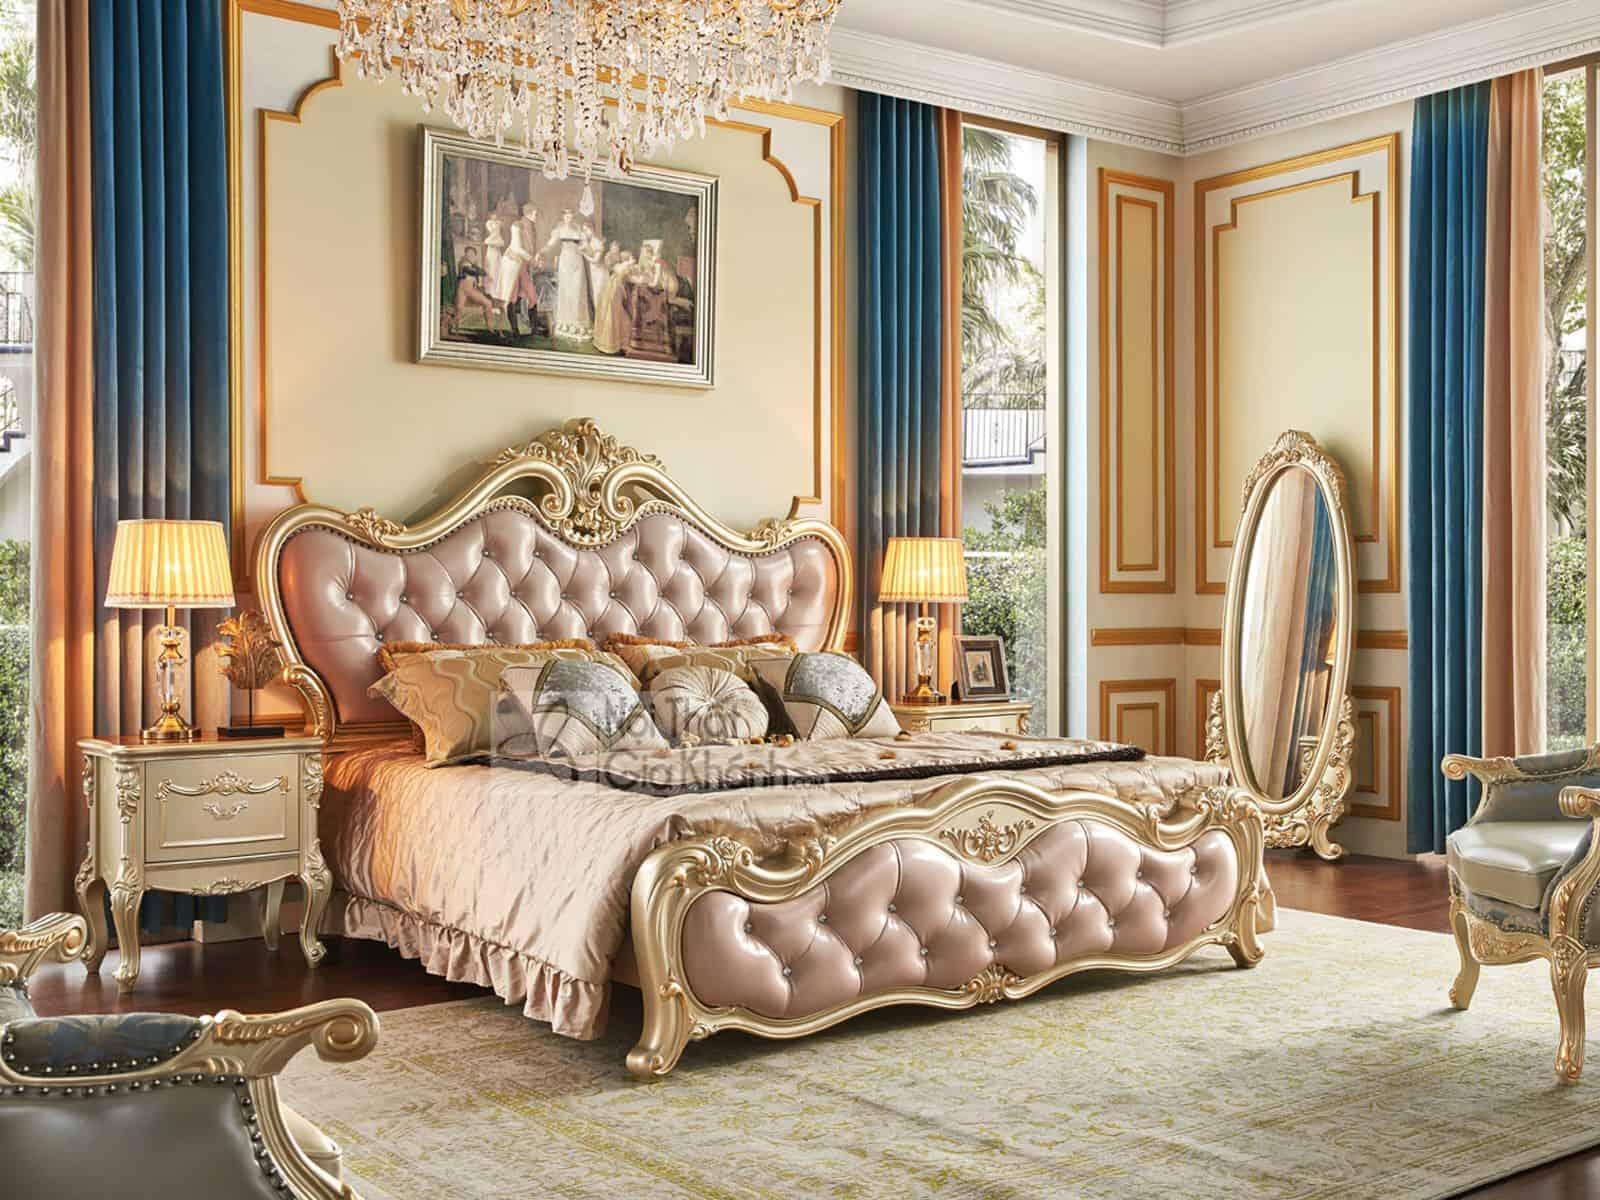 Giường gỗ nhập khẩu phong cách tân cổ điển GI8802A (Mẫu mới nhất)